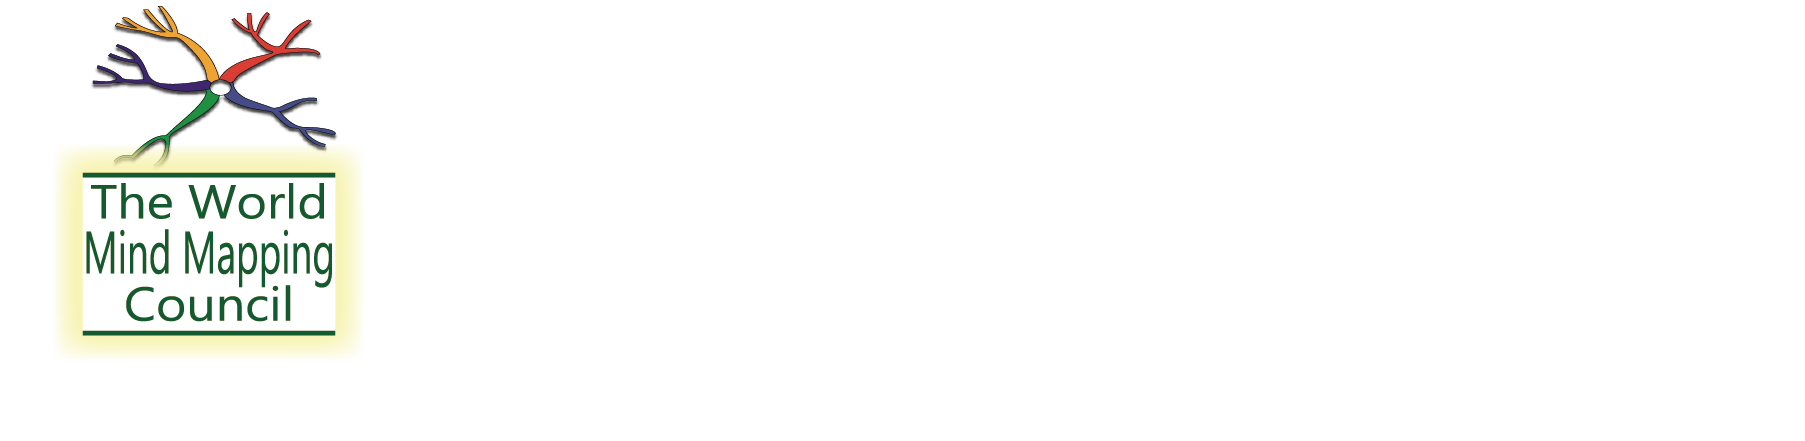 世界思维导图锦标赛中文官网